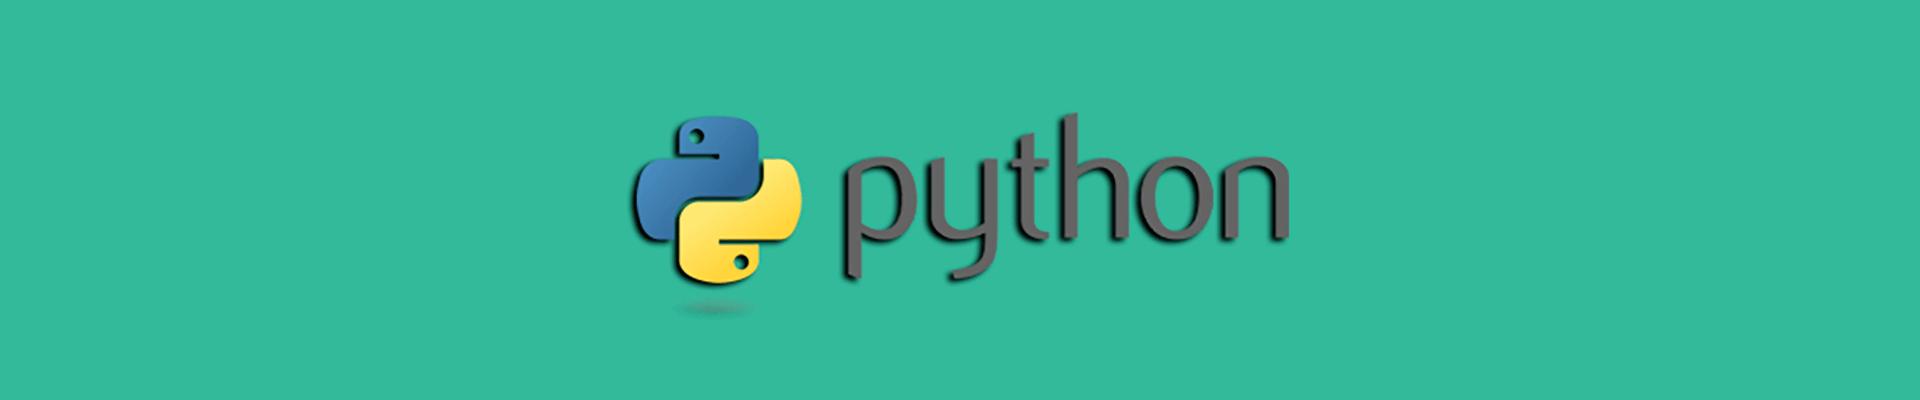 Cours Python complet gratuit pour débutants